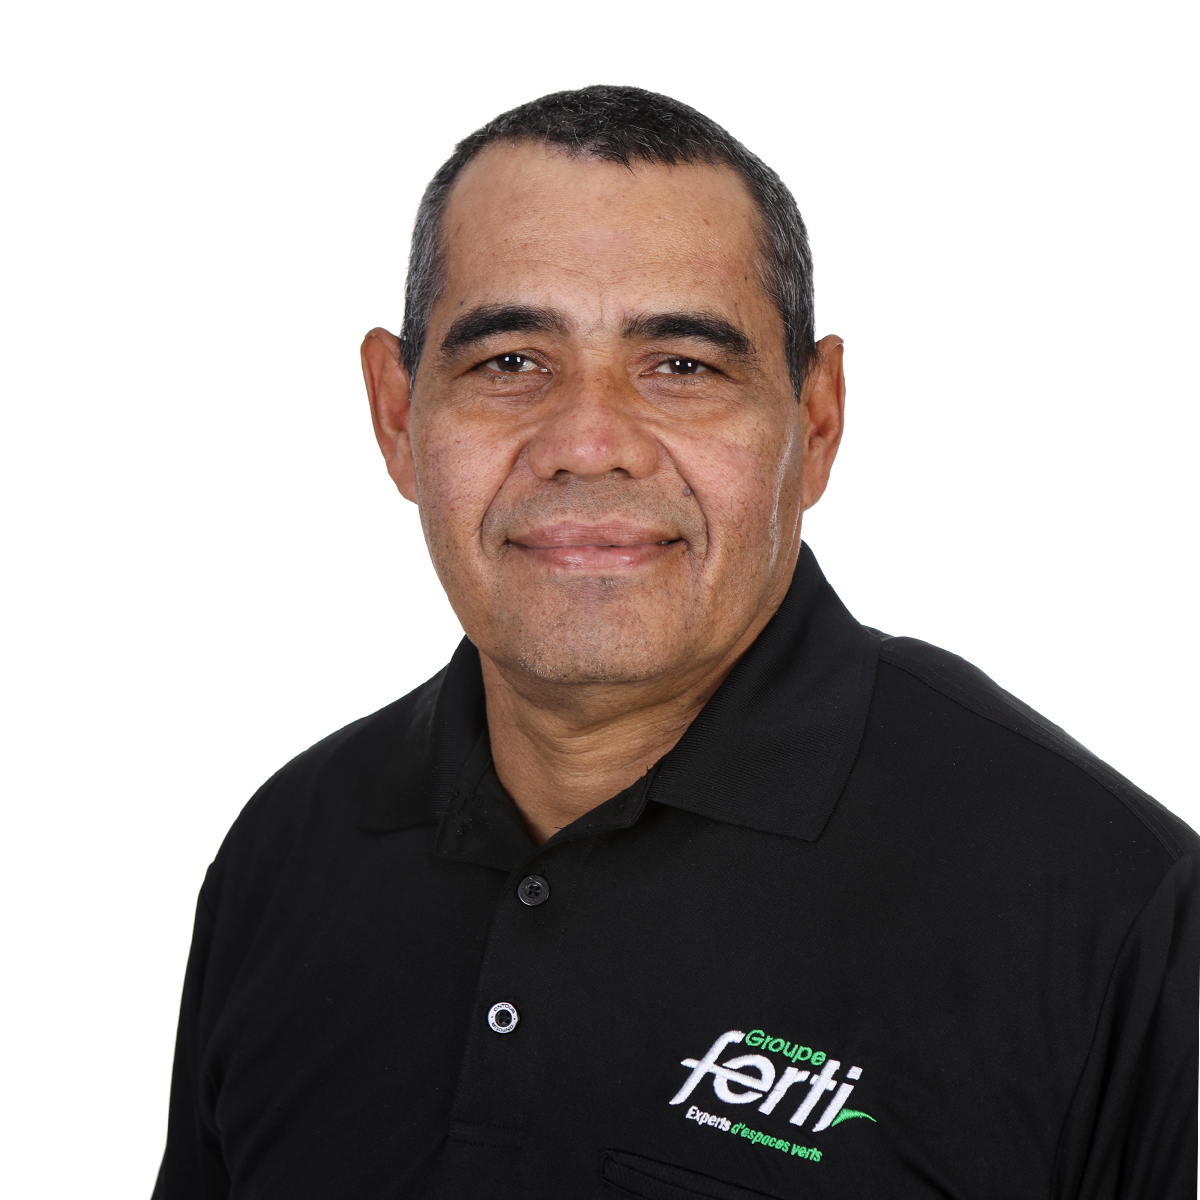 Jorge Wilson Technicien en horticulture